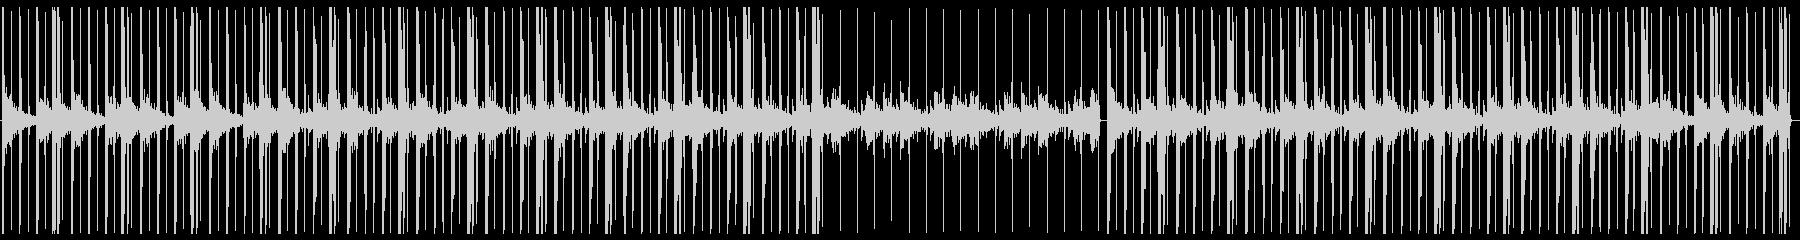 チルアウト・ローファイヒップホップ・Kの未再生の波形